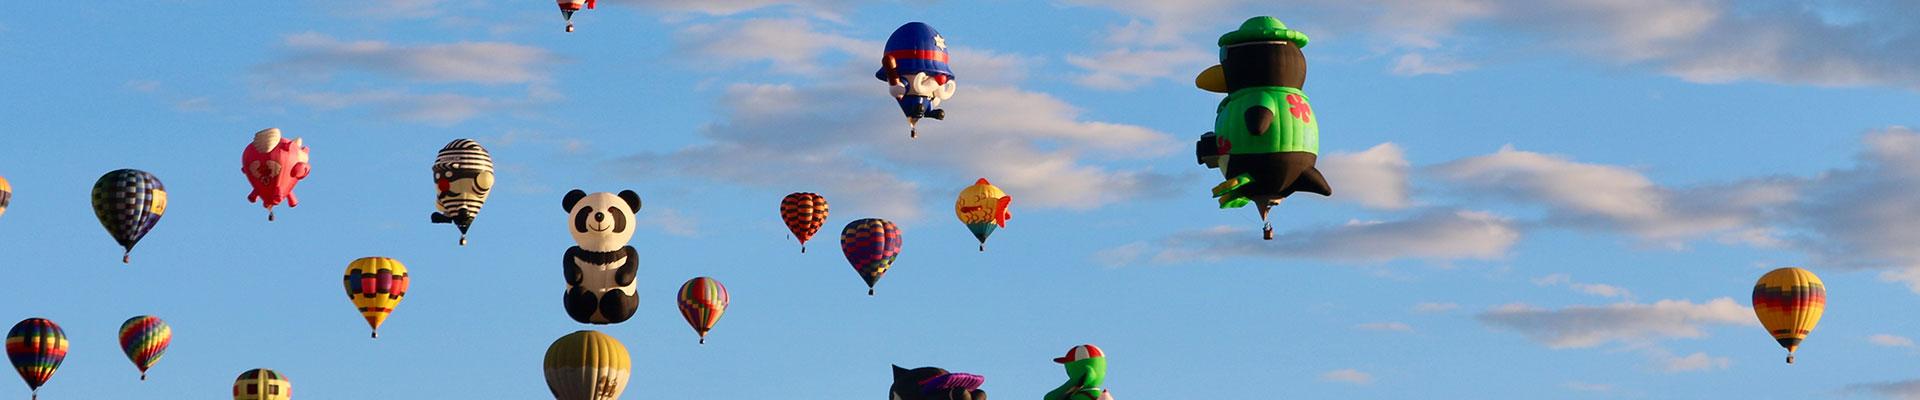 Fantasy RV Tours: 7 Day Albuquerque Balloon Fiesta (07UABP-093021)